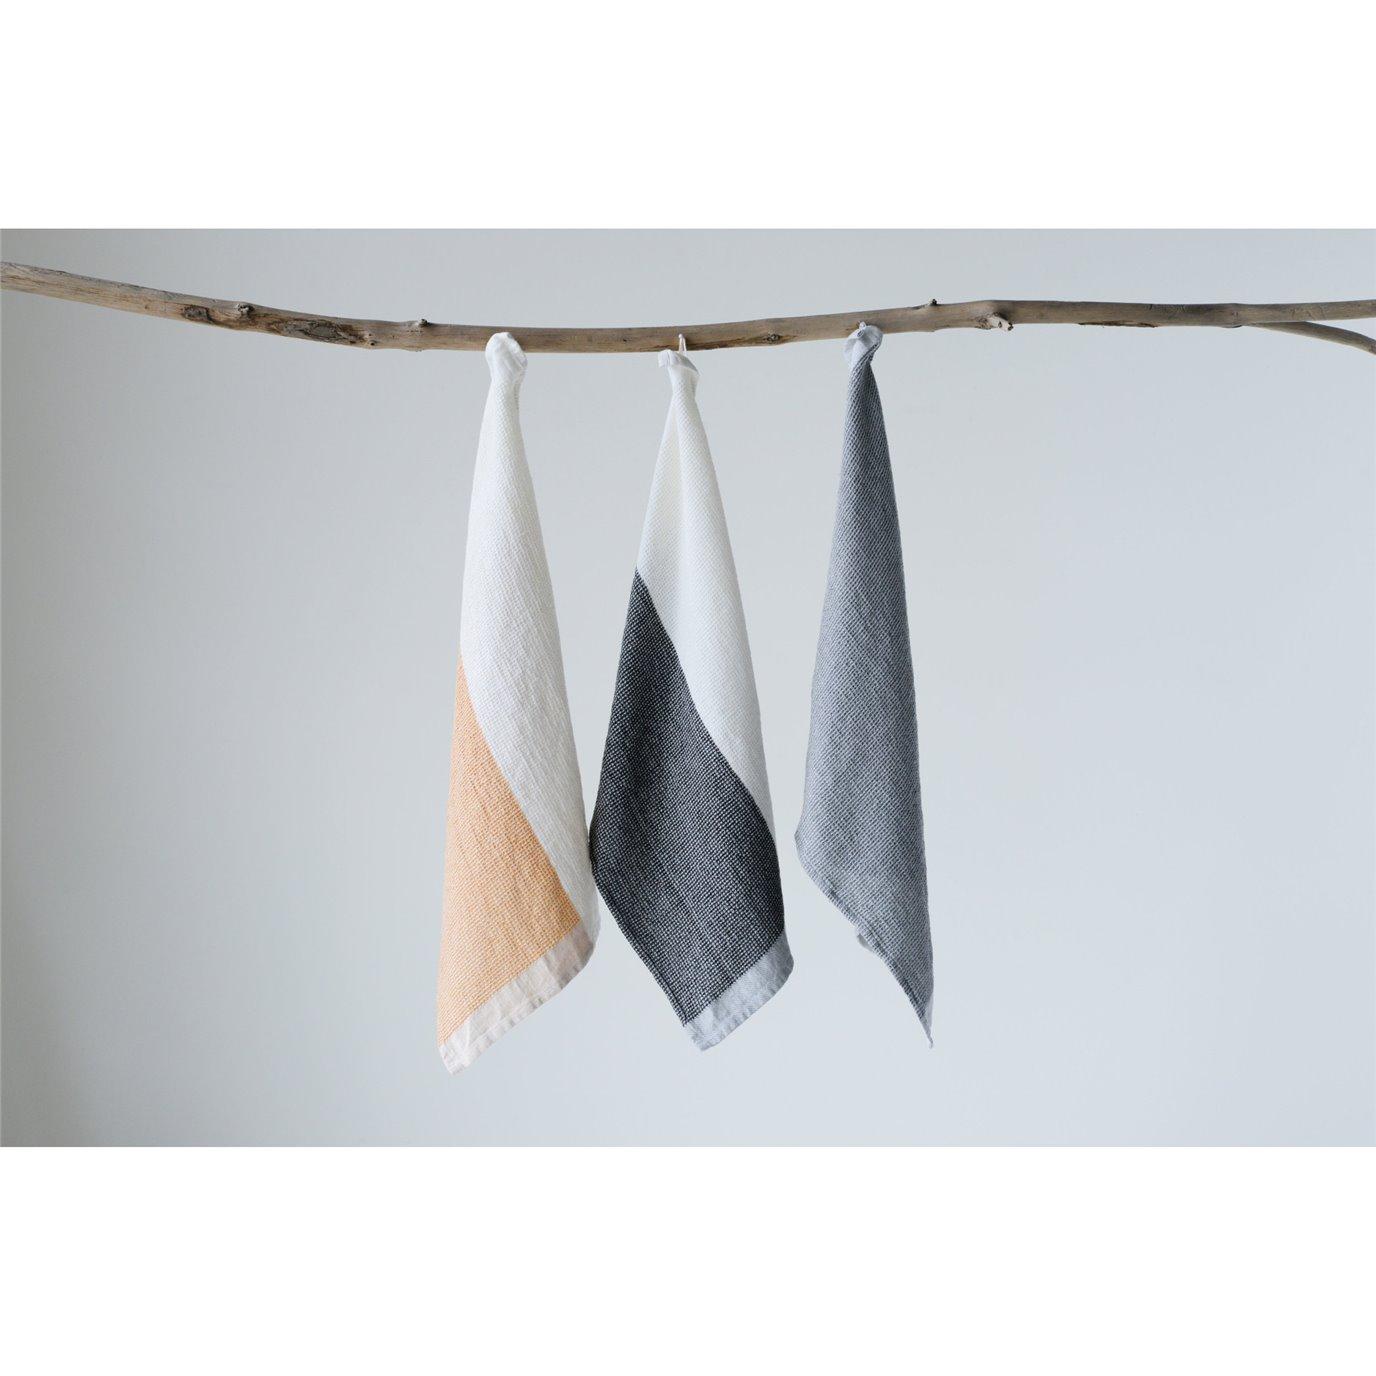 Cotton Tea Towels (Set of 3 Designs/Colors)